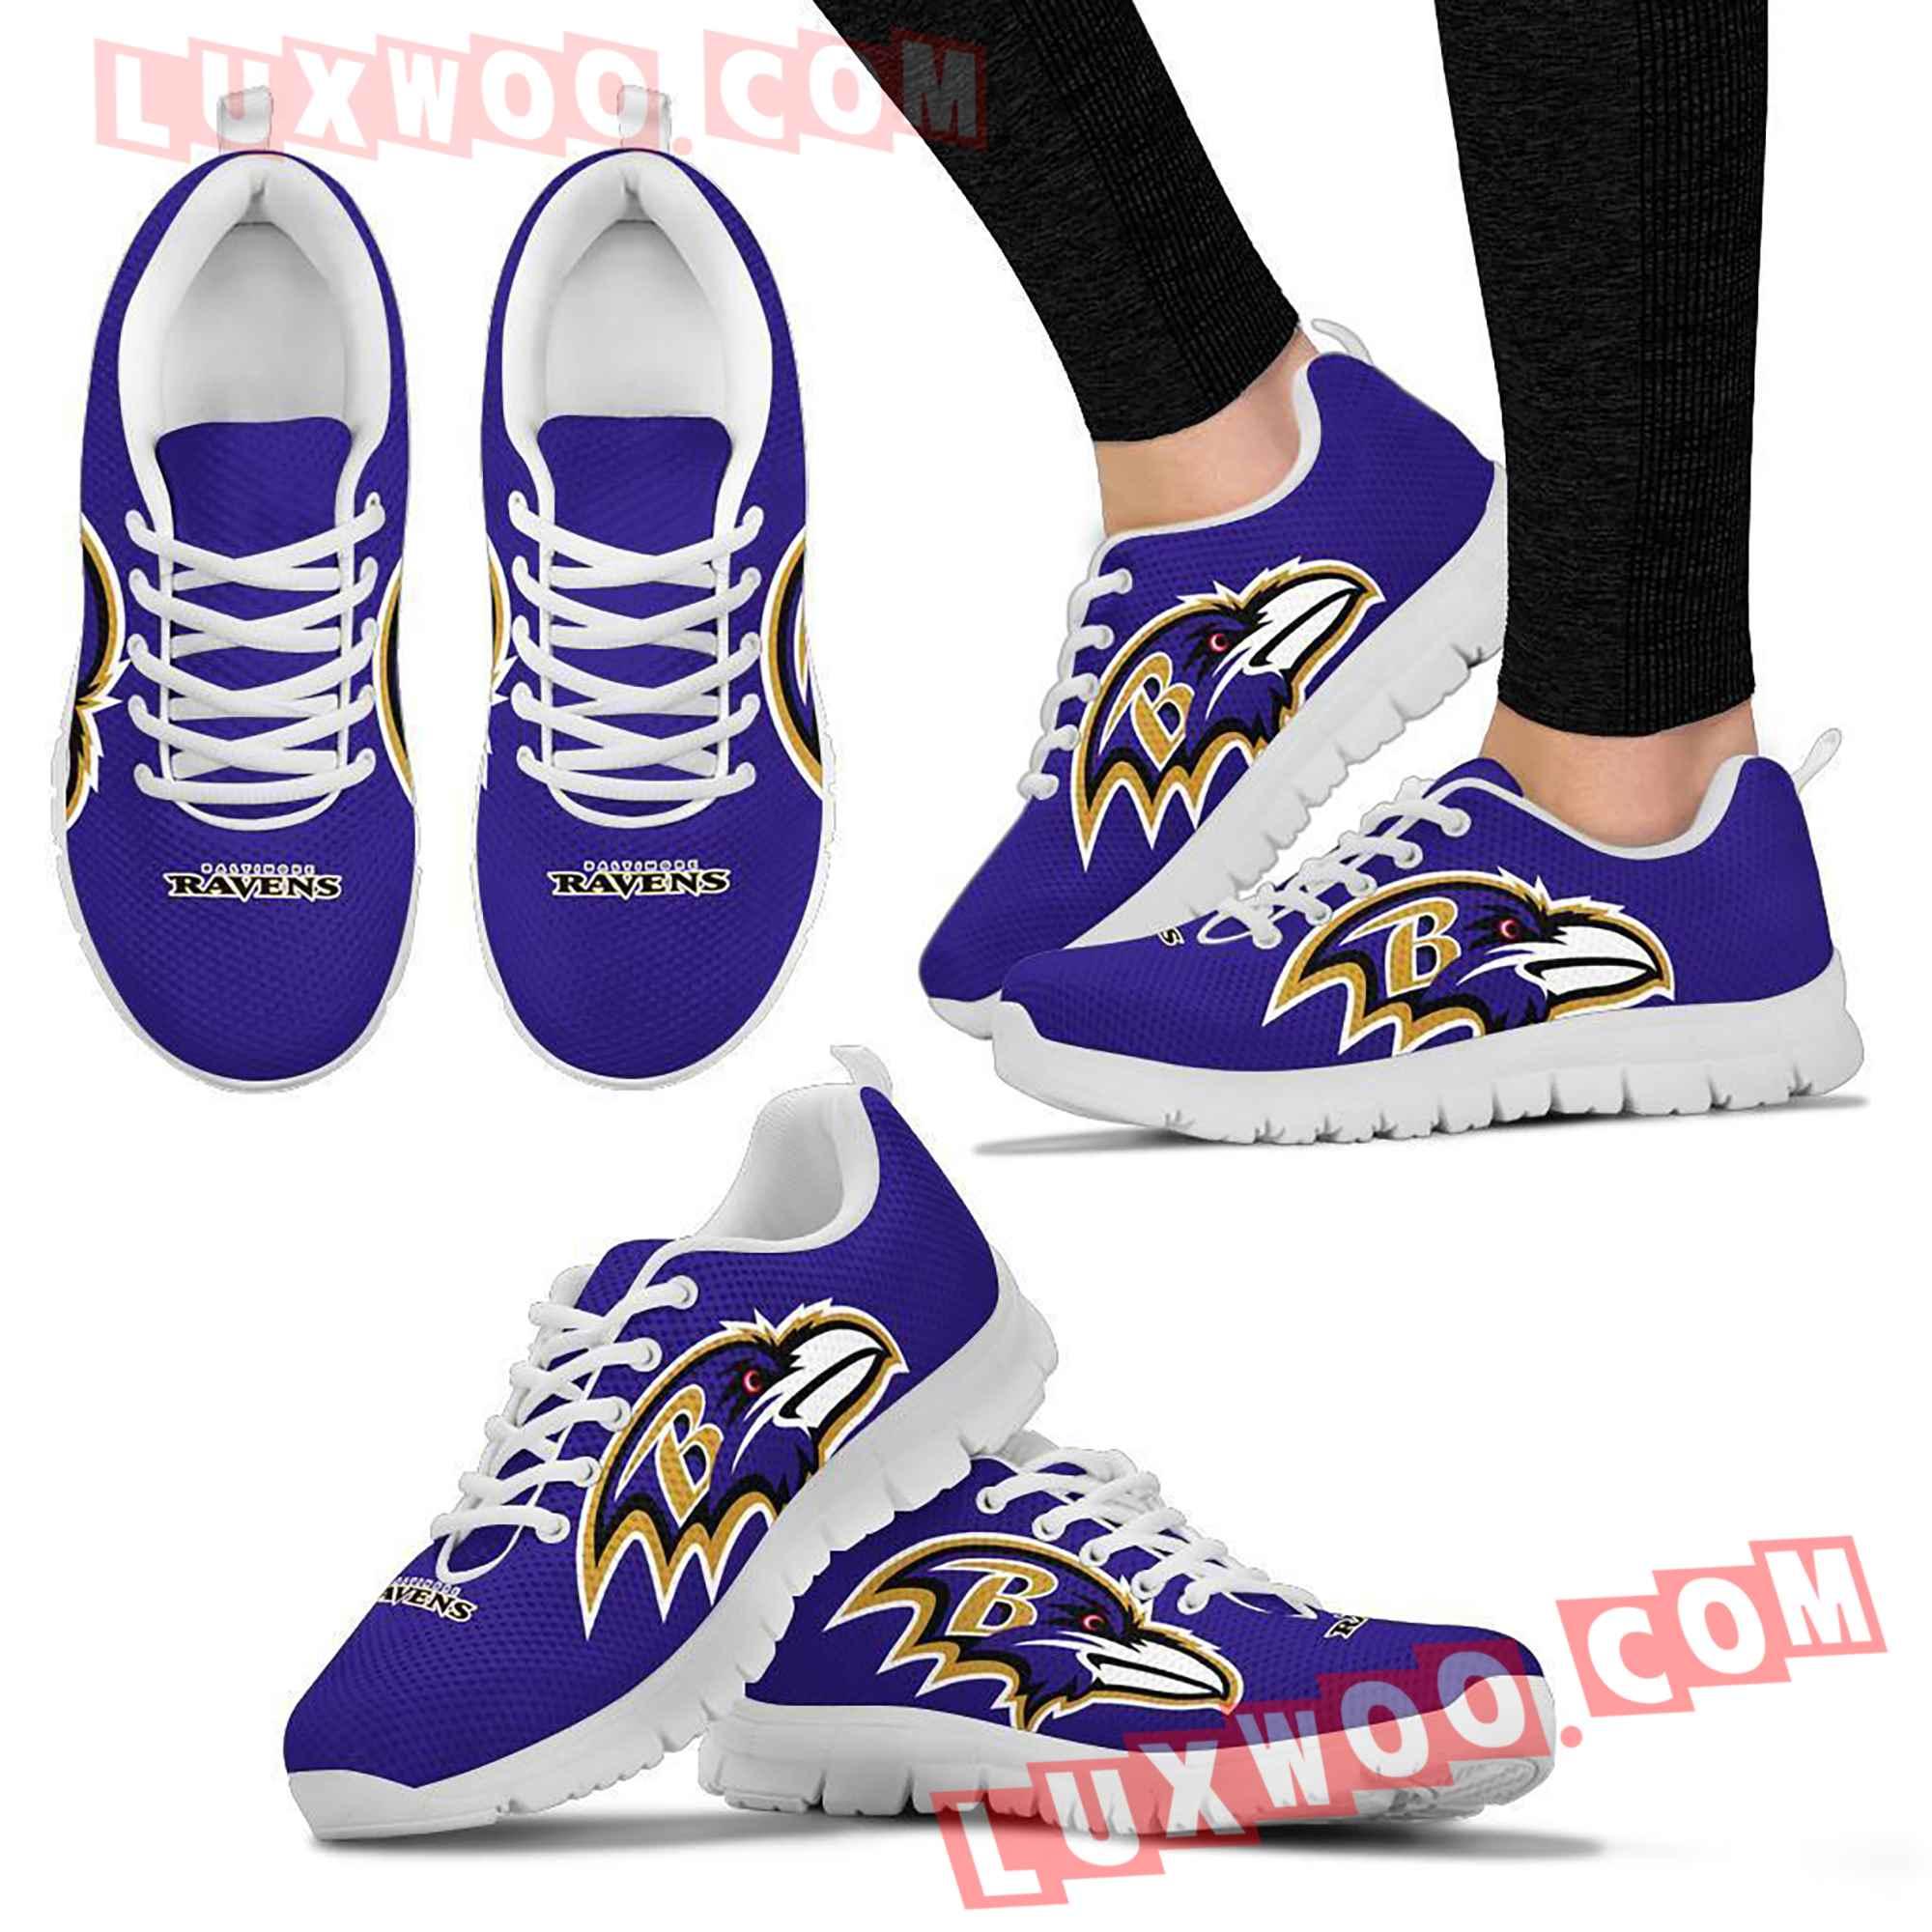 Baltimore Ravens Nfl Custom Shoes Sneaker V1